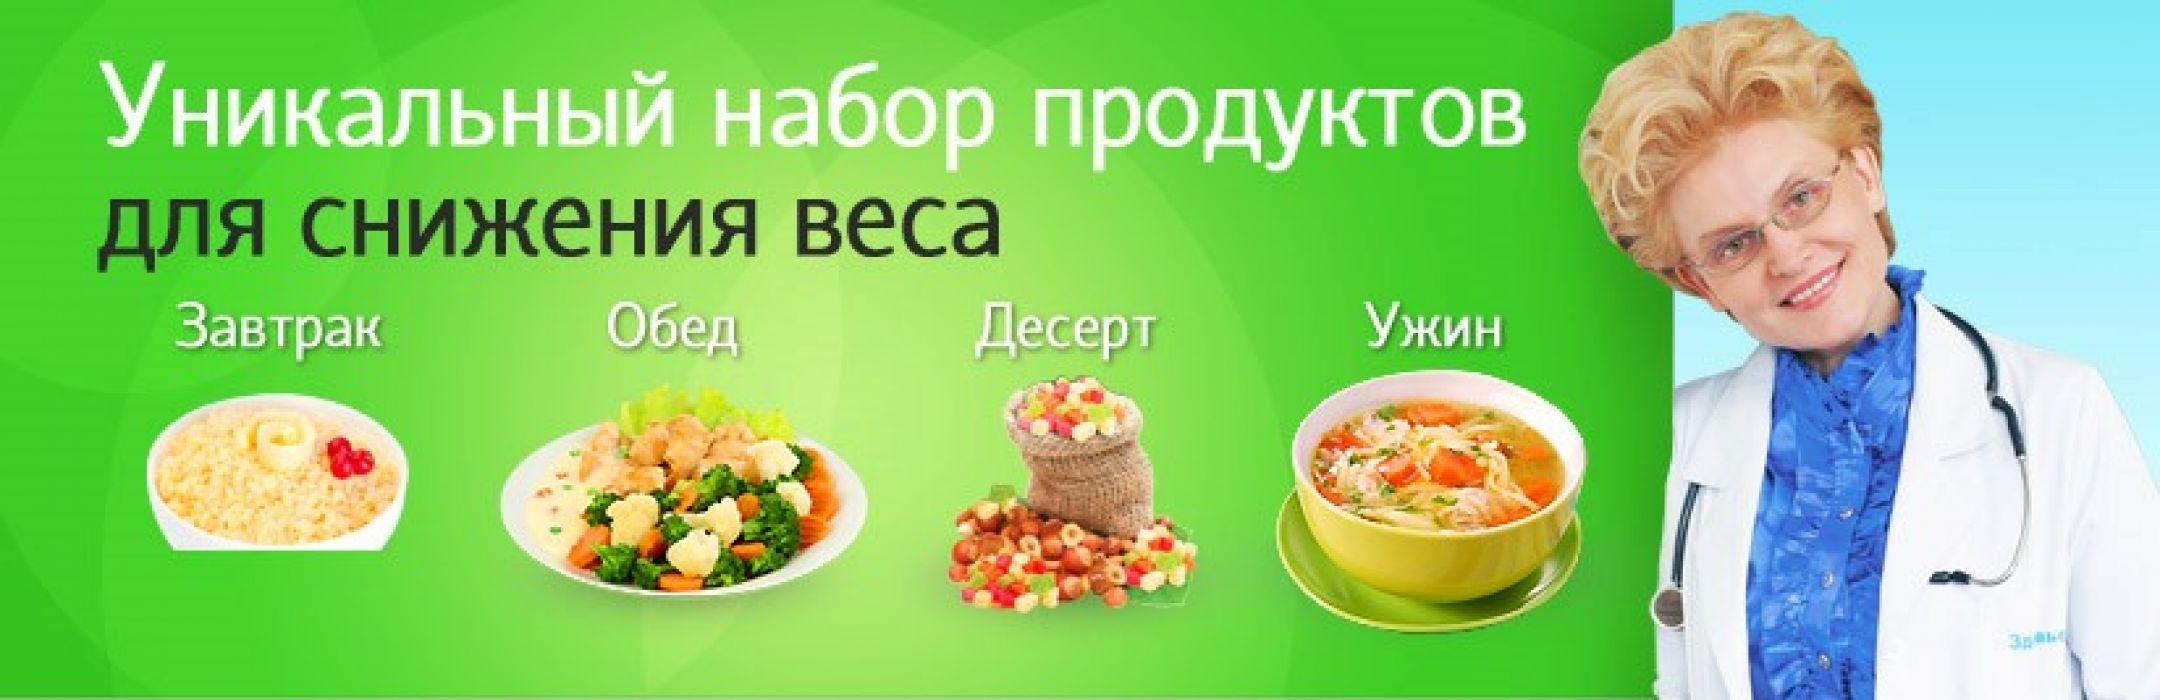 Малышева елена диета и отзывы: официальный сайт, цена.